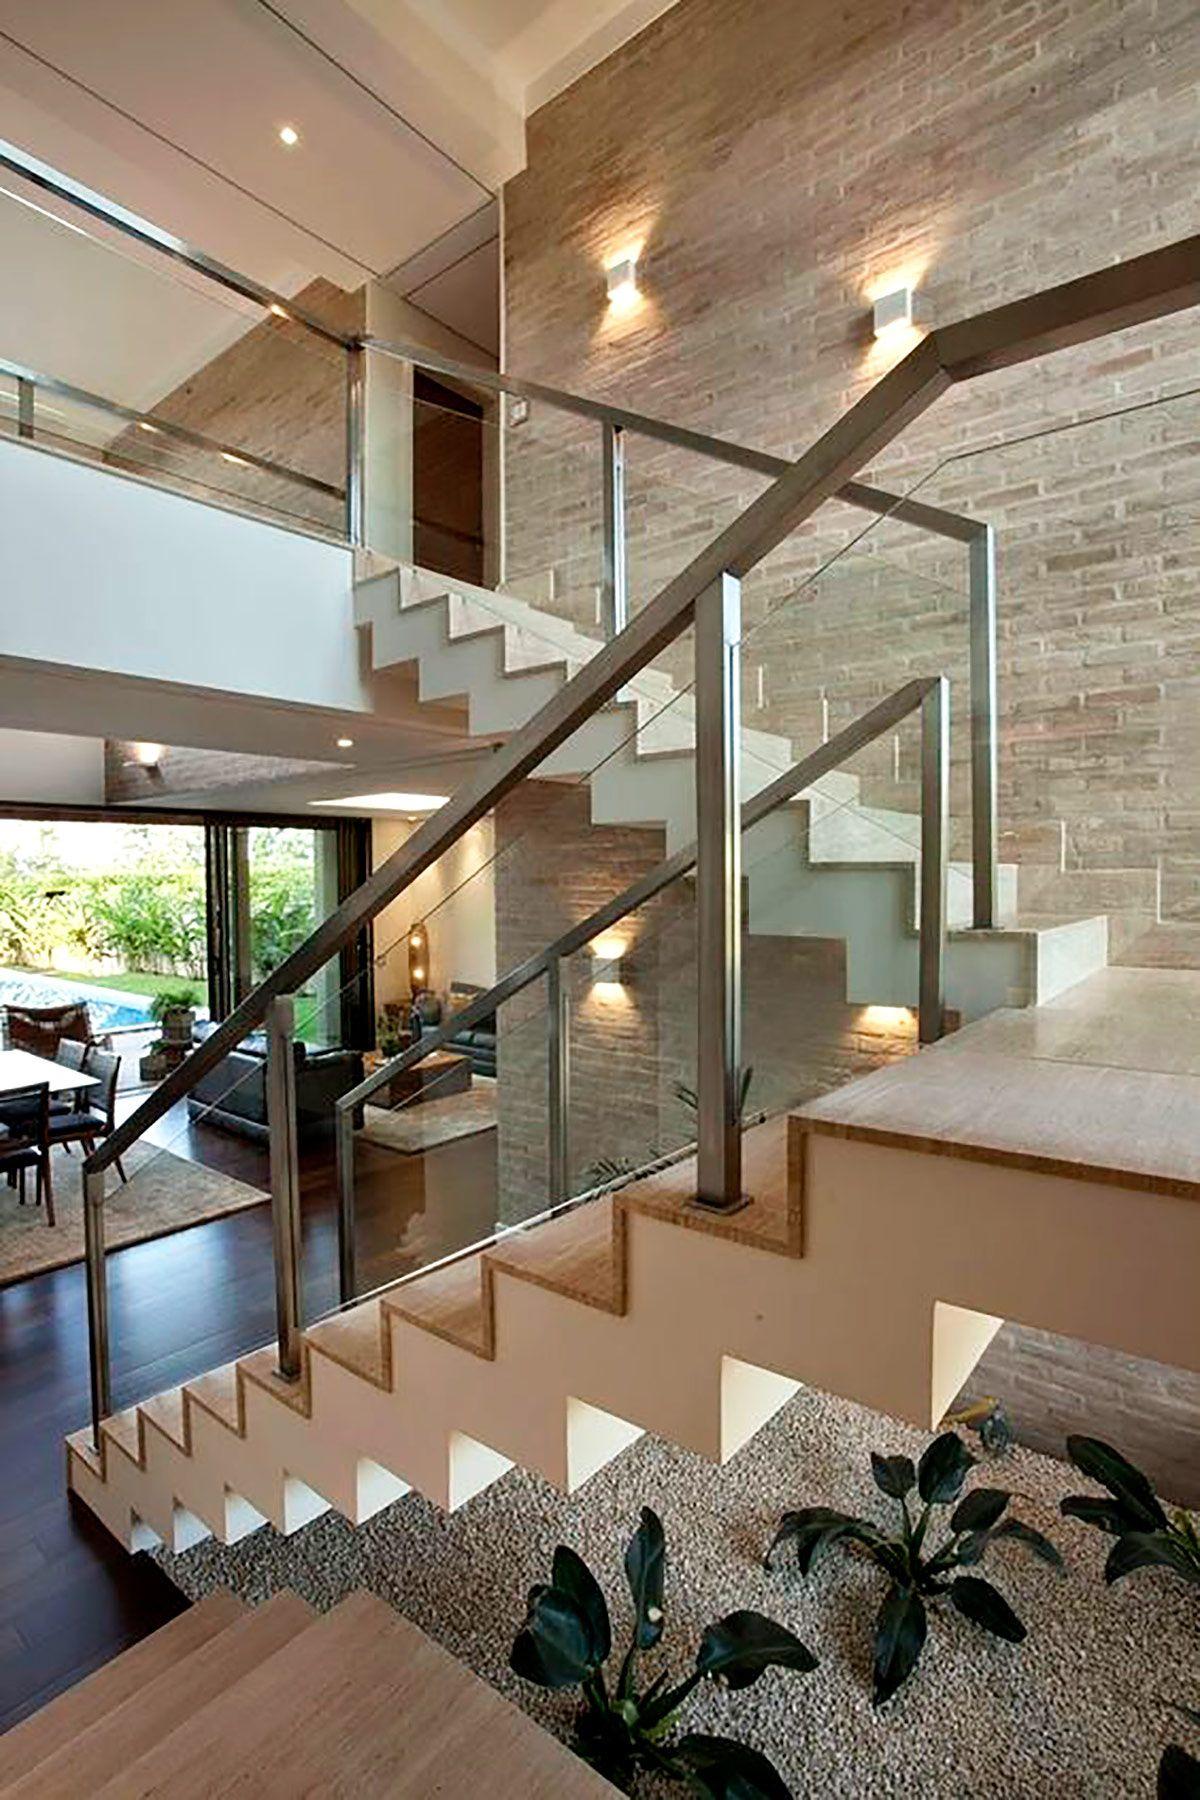 Una Breve Guia Para Aprovechar El Espacio Debajo De Las Escaleras Casas Modernas Diseno Casas Modernas Casas Modernas Interiores